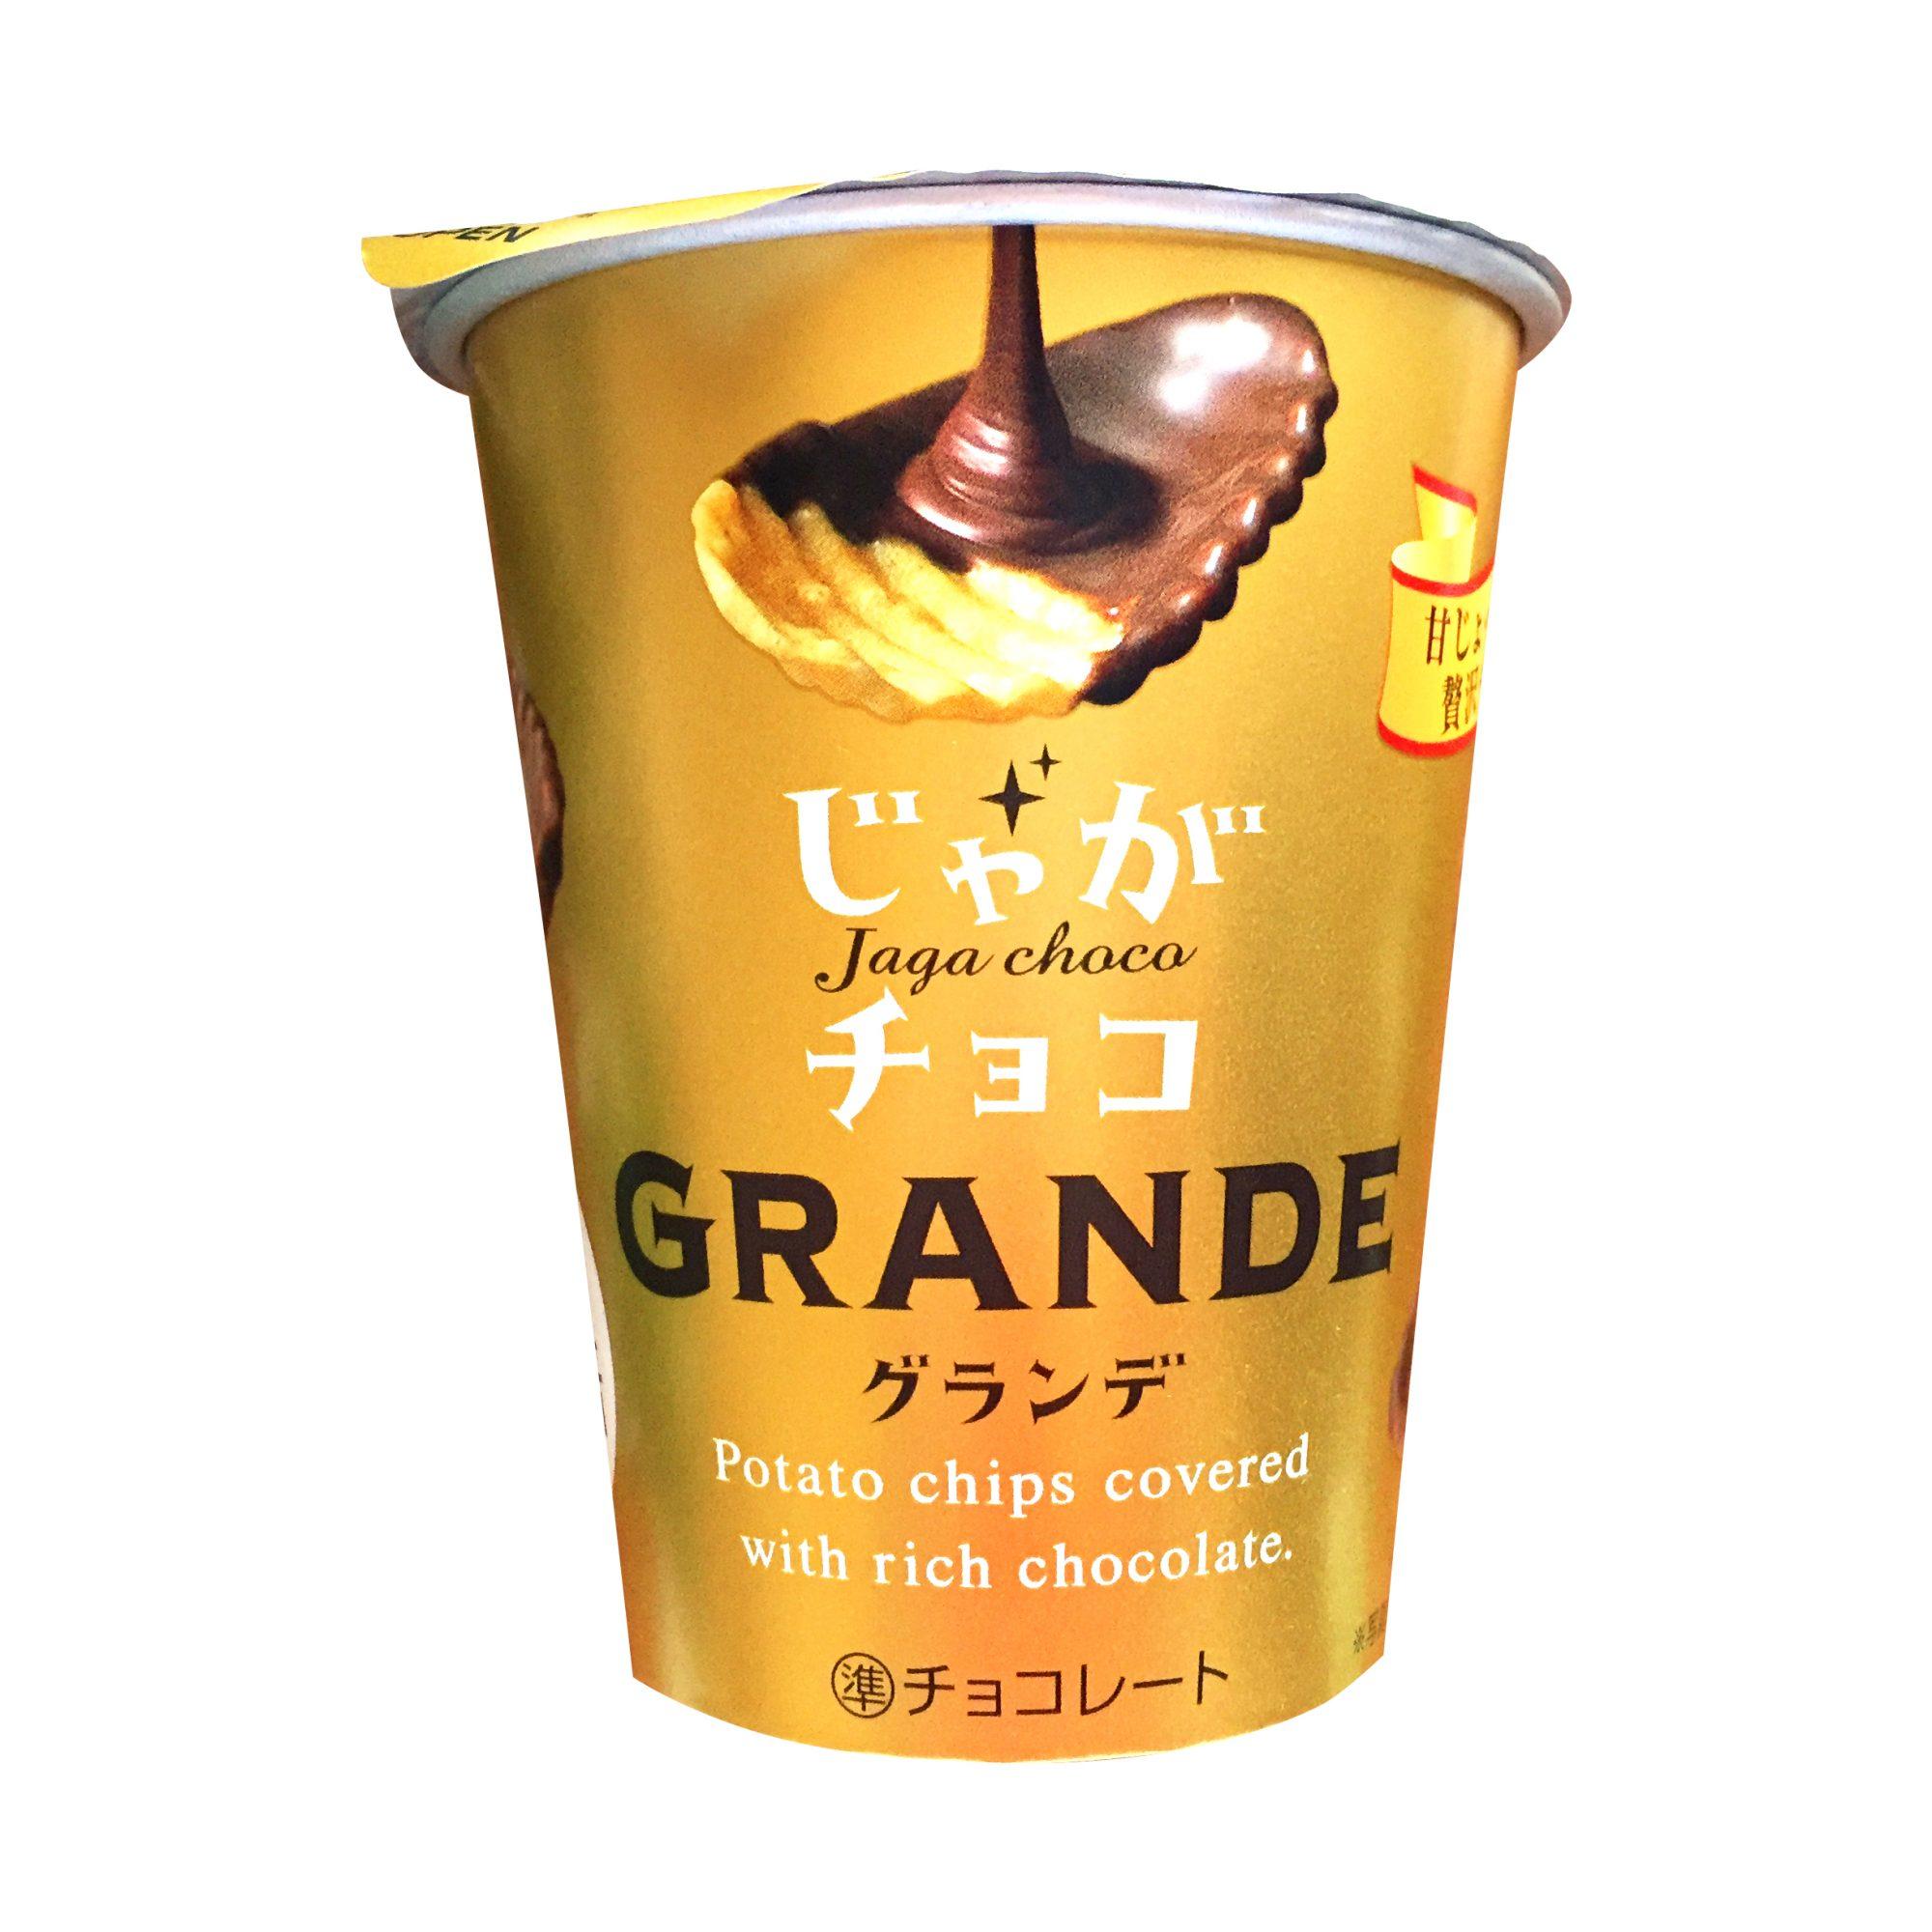 ブルボン『じゃがチョコグランデ』実食レビュー!贅沢にかけられたチョコと分厚いポテトスナックの未体験食感が高評価不可避な逸品◎